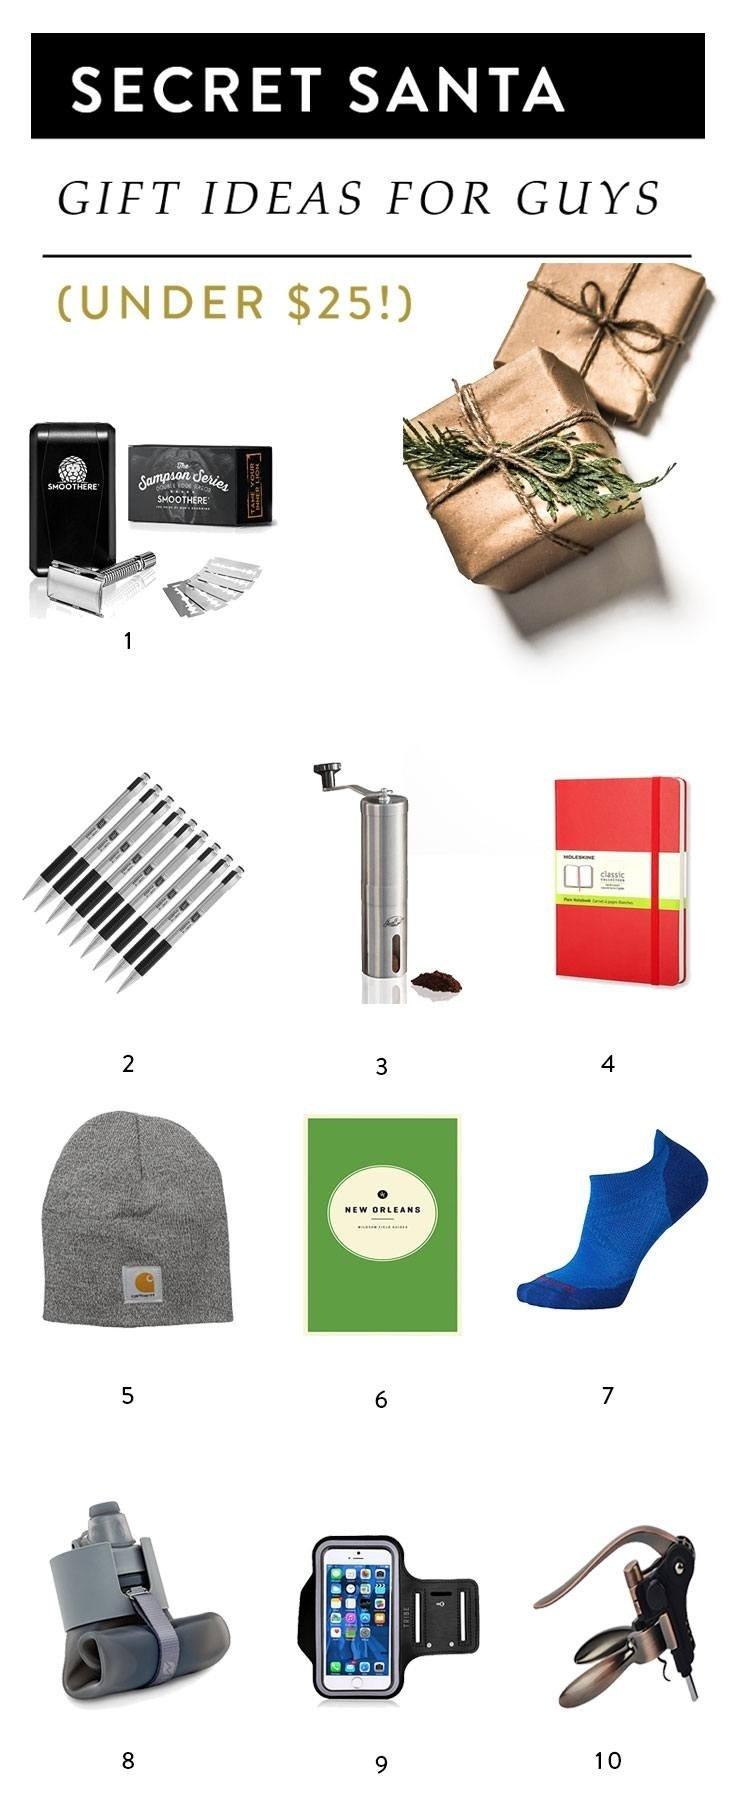 10 Lovable Secret Santa Gift Ideas For Guys 10 secret santa gift ideas for guys under 25 1 2021